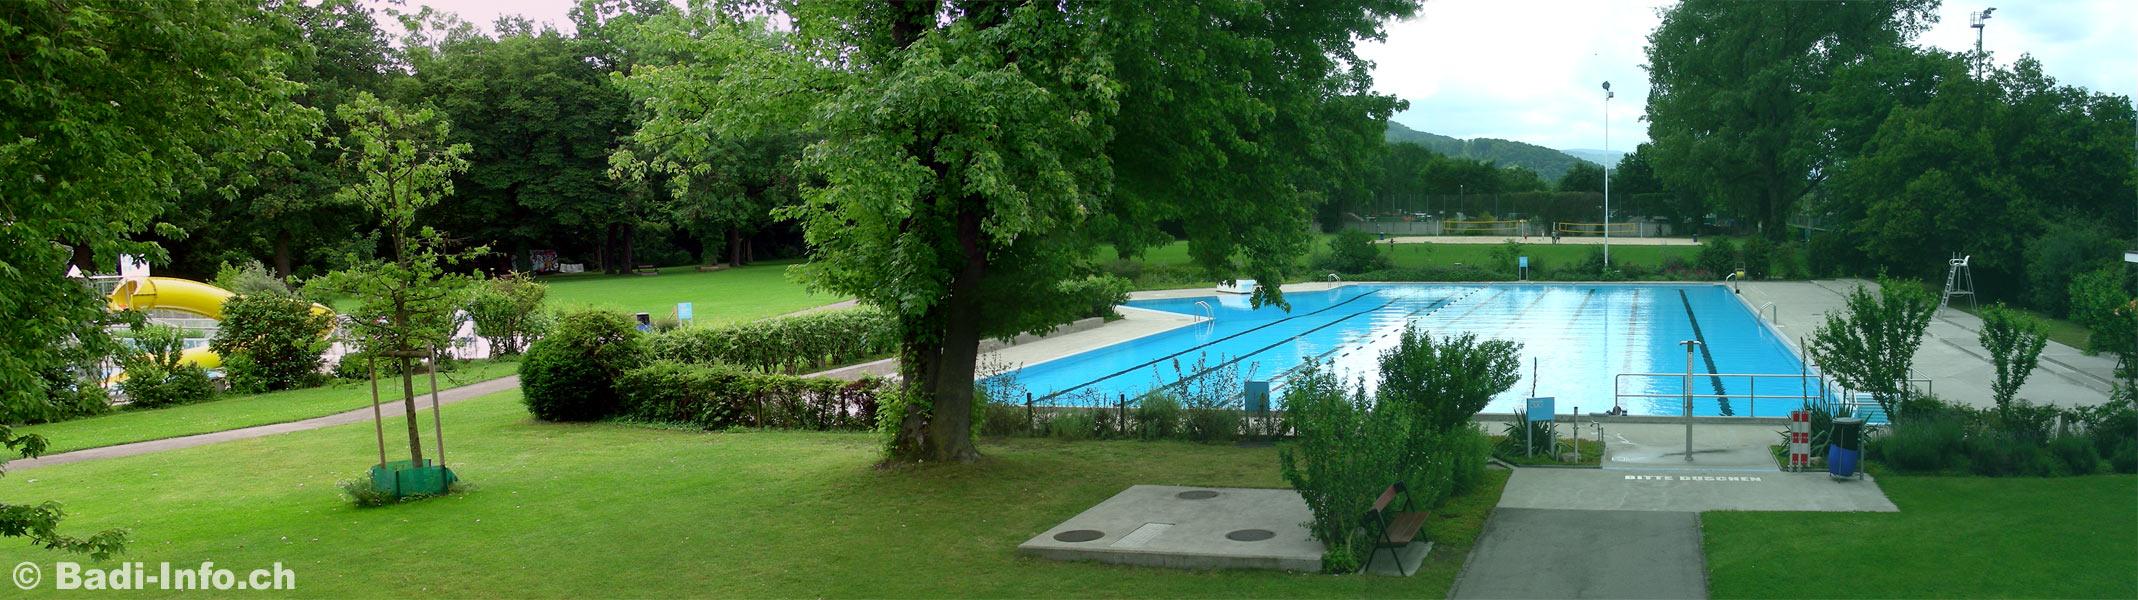 Das schwimmerbecken im gartenbad st jakob basel links das